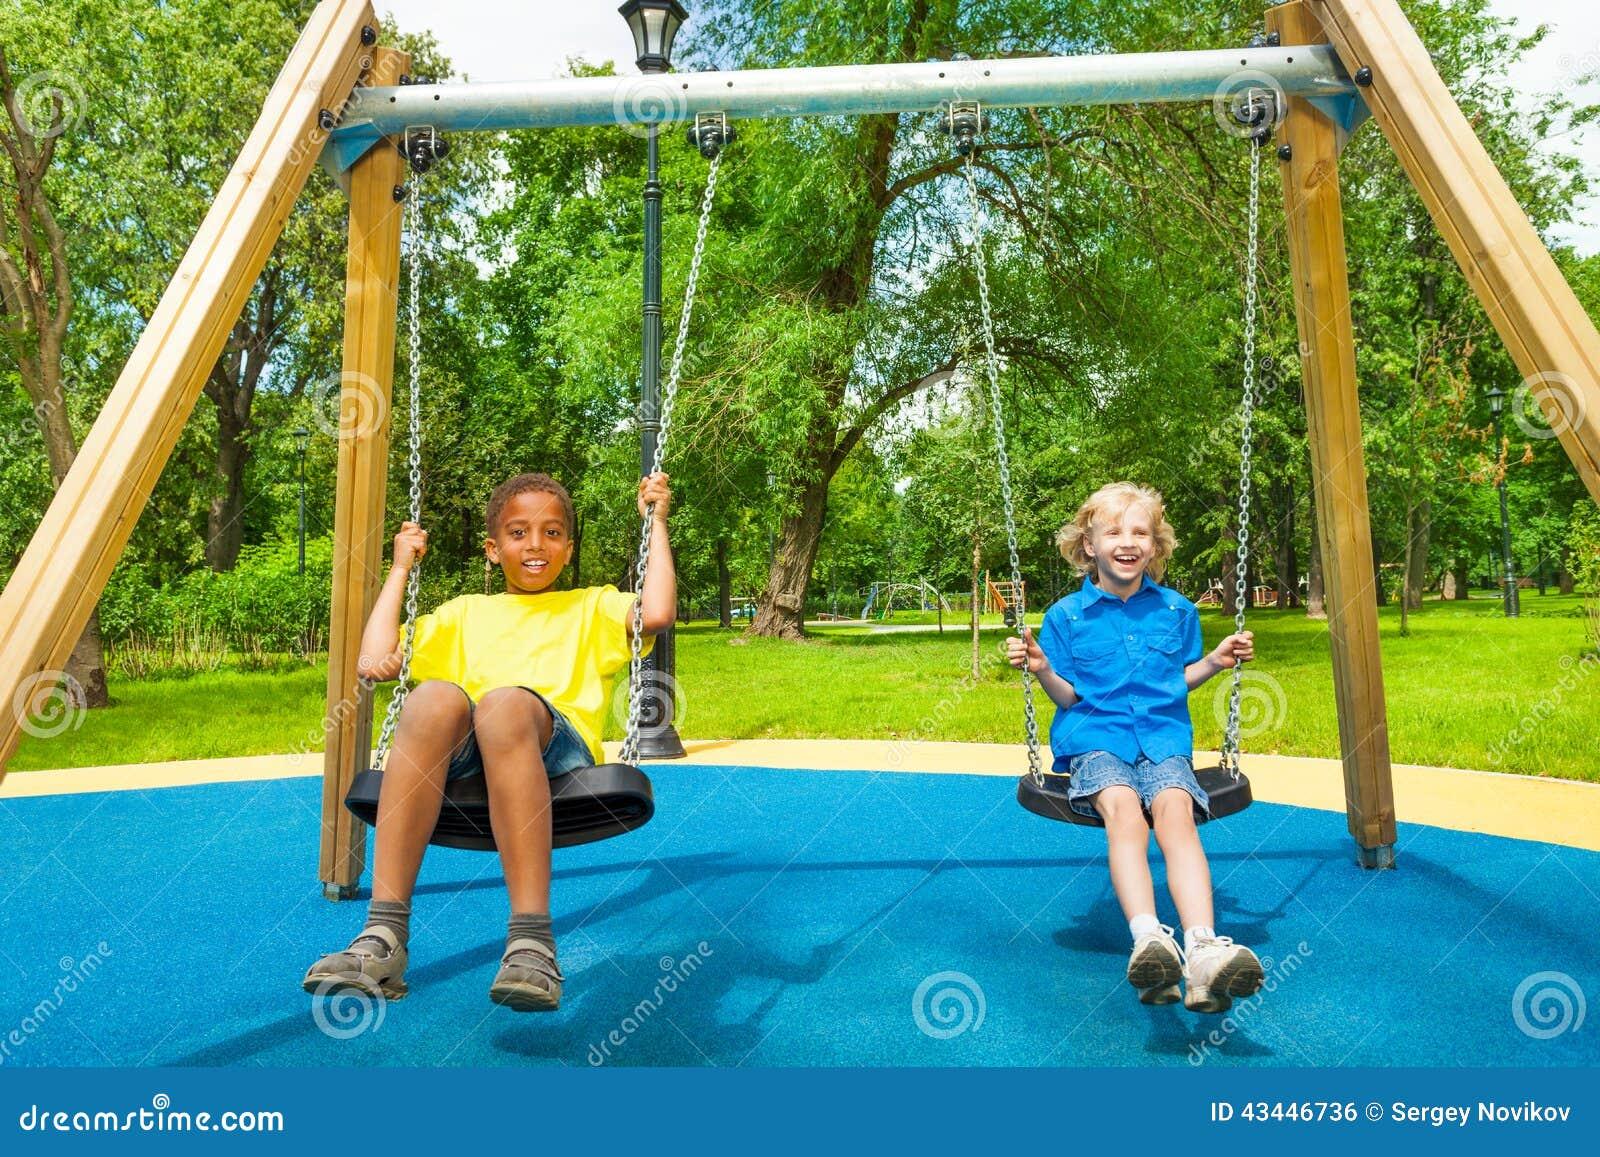 2 мальчика отбрасывают совместно и держат цепи качаний